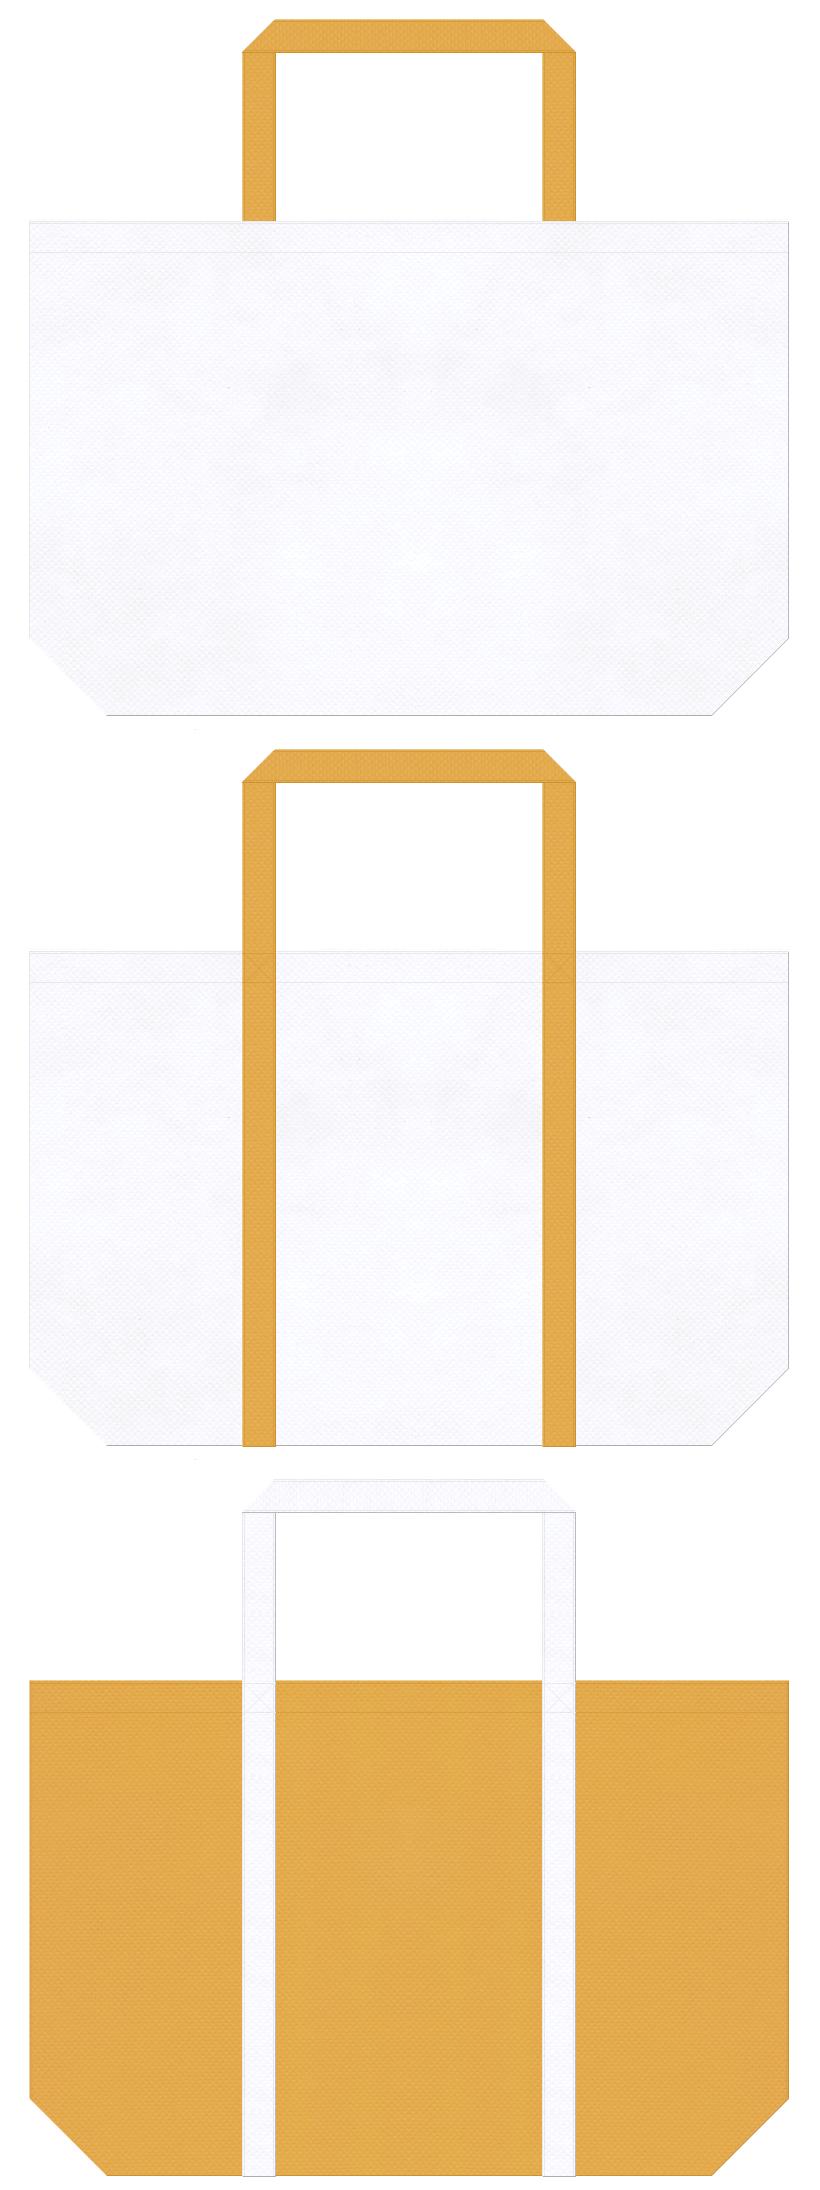 白色と黄土色の不織布ショッピングバッグデザイン